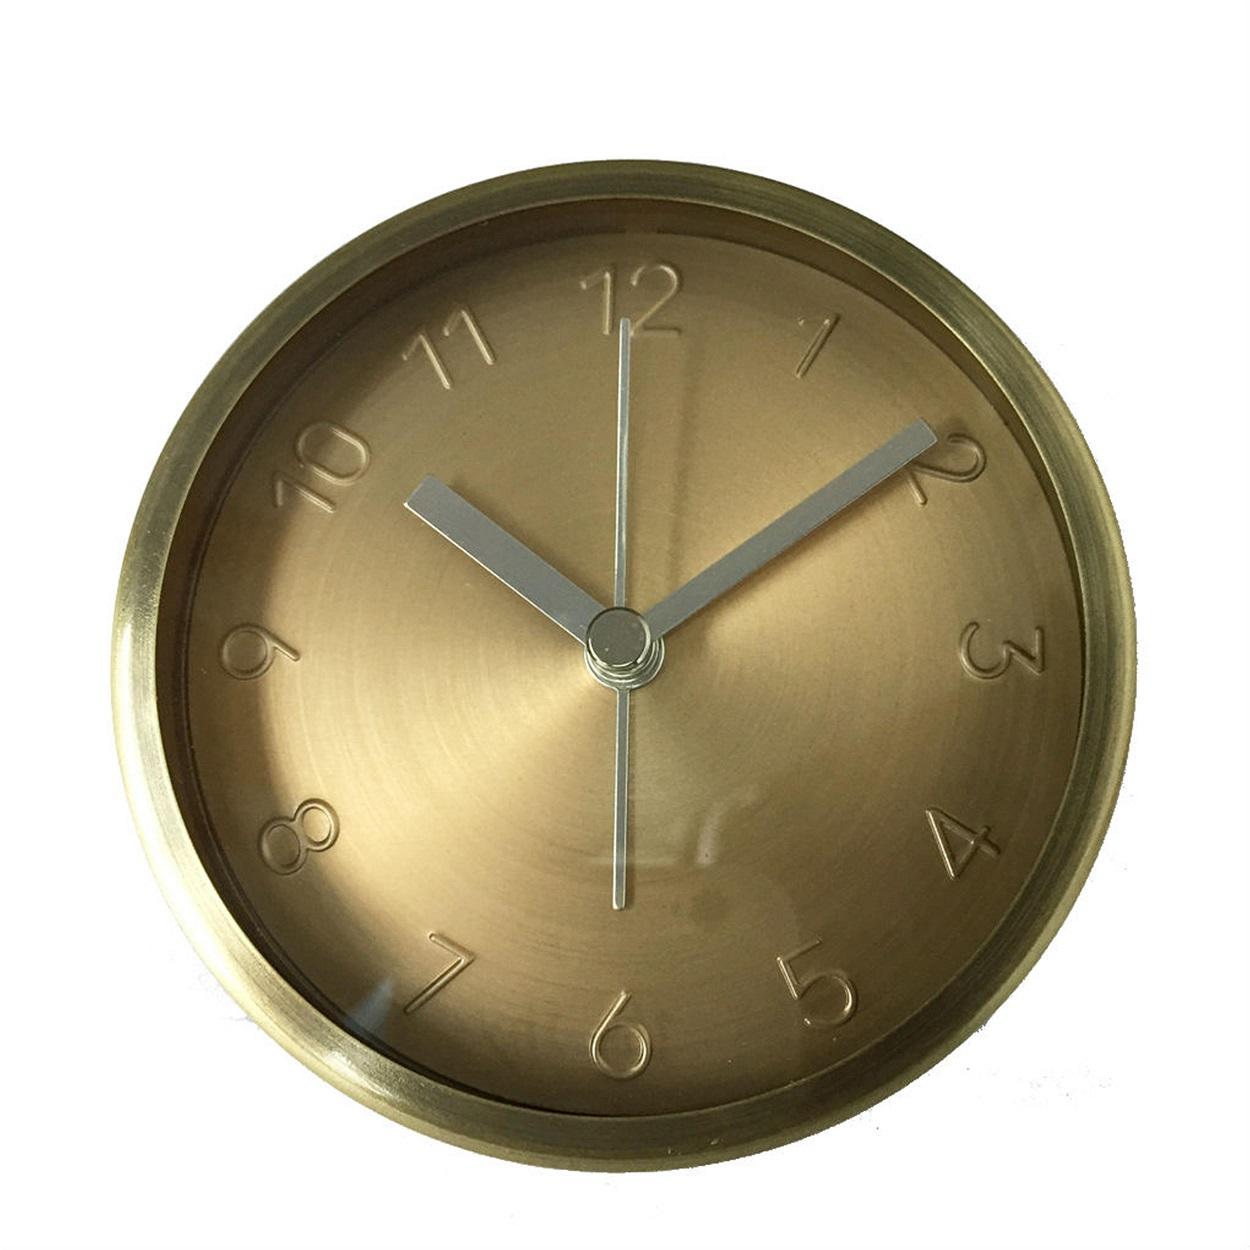 שעון קיר של פלורליס, צילום סטודיו פלורליס